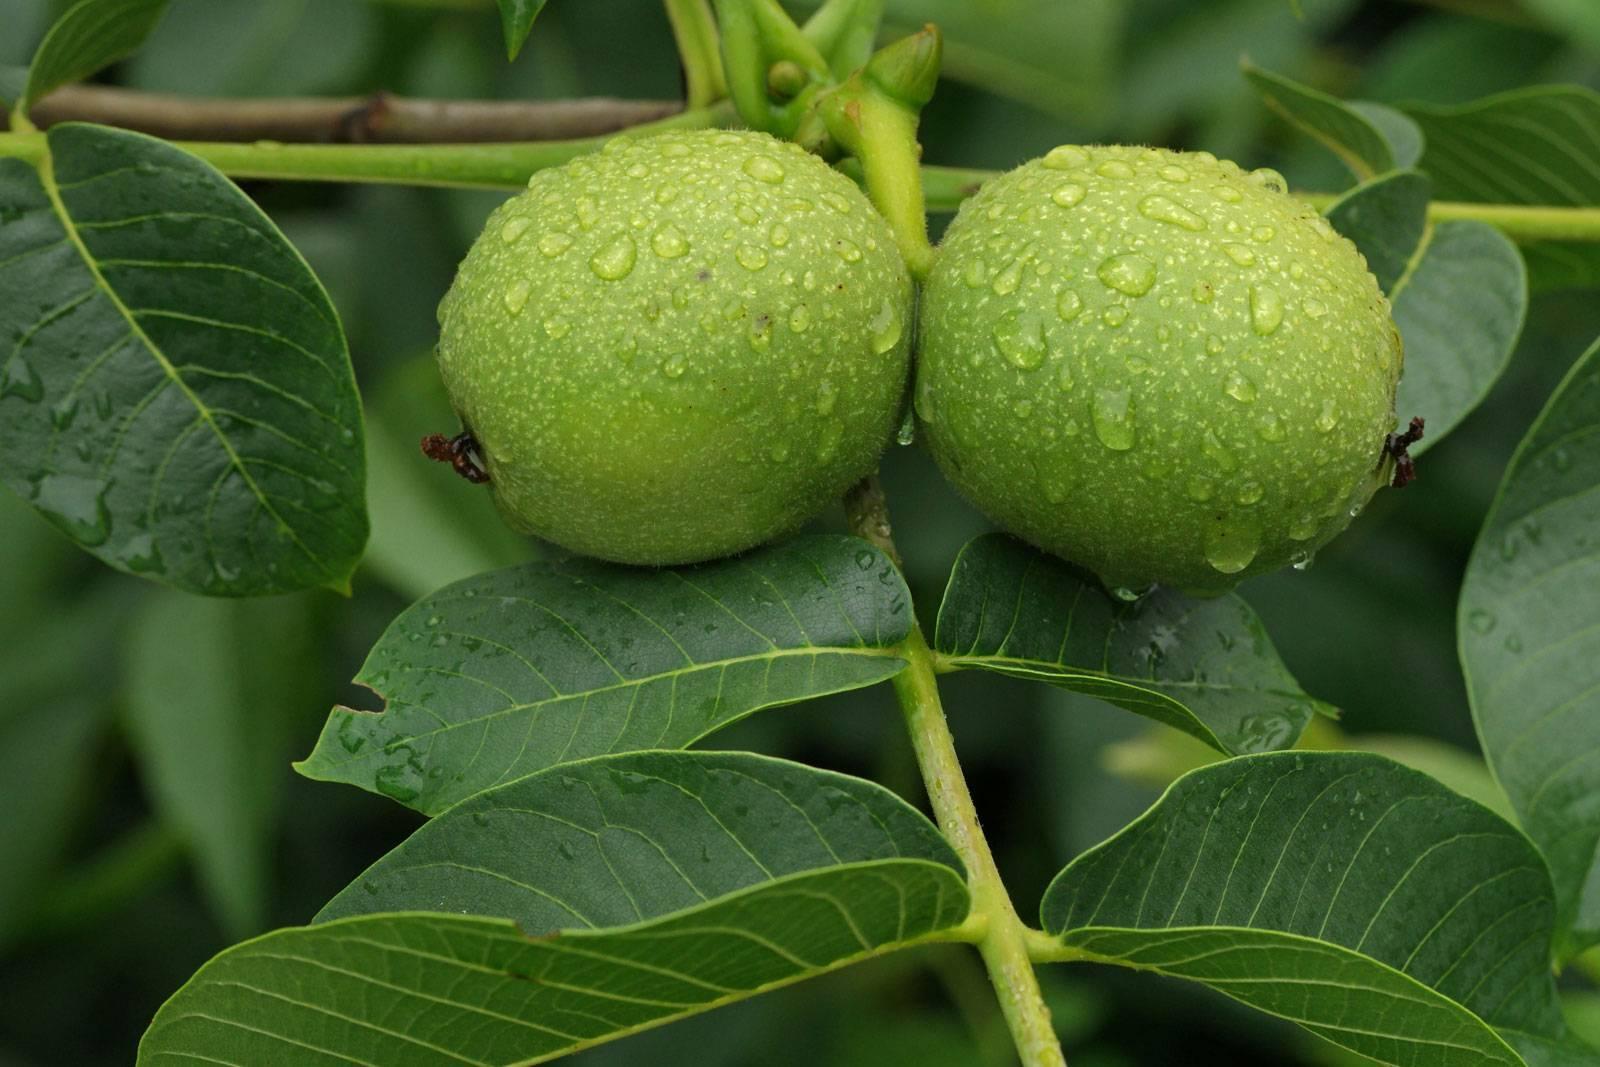 Выращивание селекционных сортов грецкого ореха, устойчивых к возвратным заморозкам в условиях средней полосы